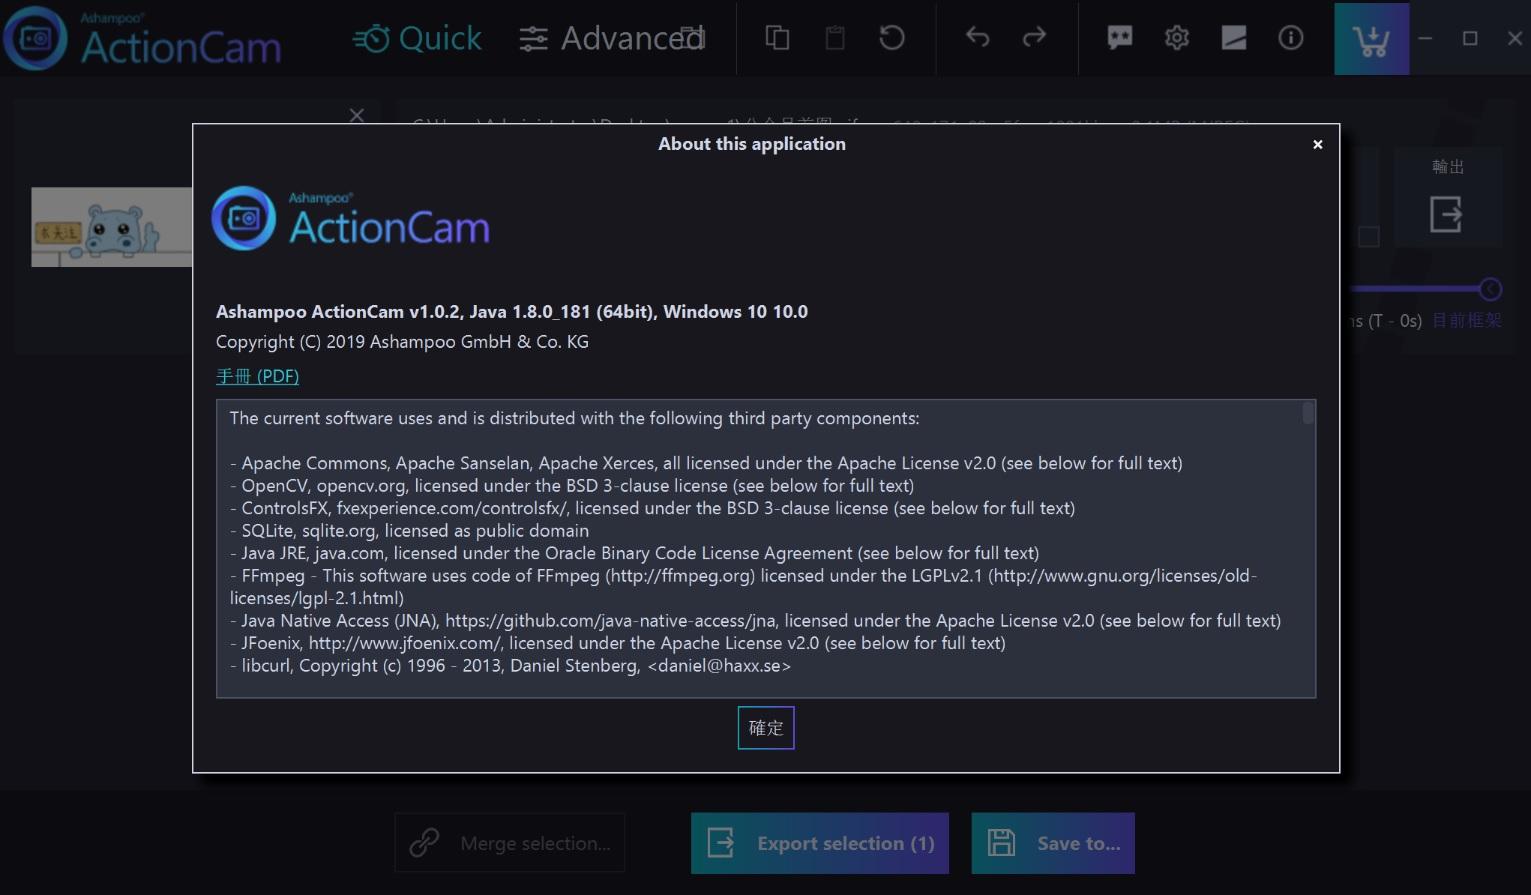 Ashampoo ActionCam 繁体中文版.jpg